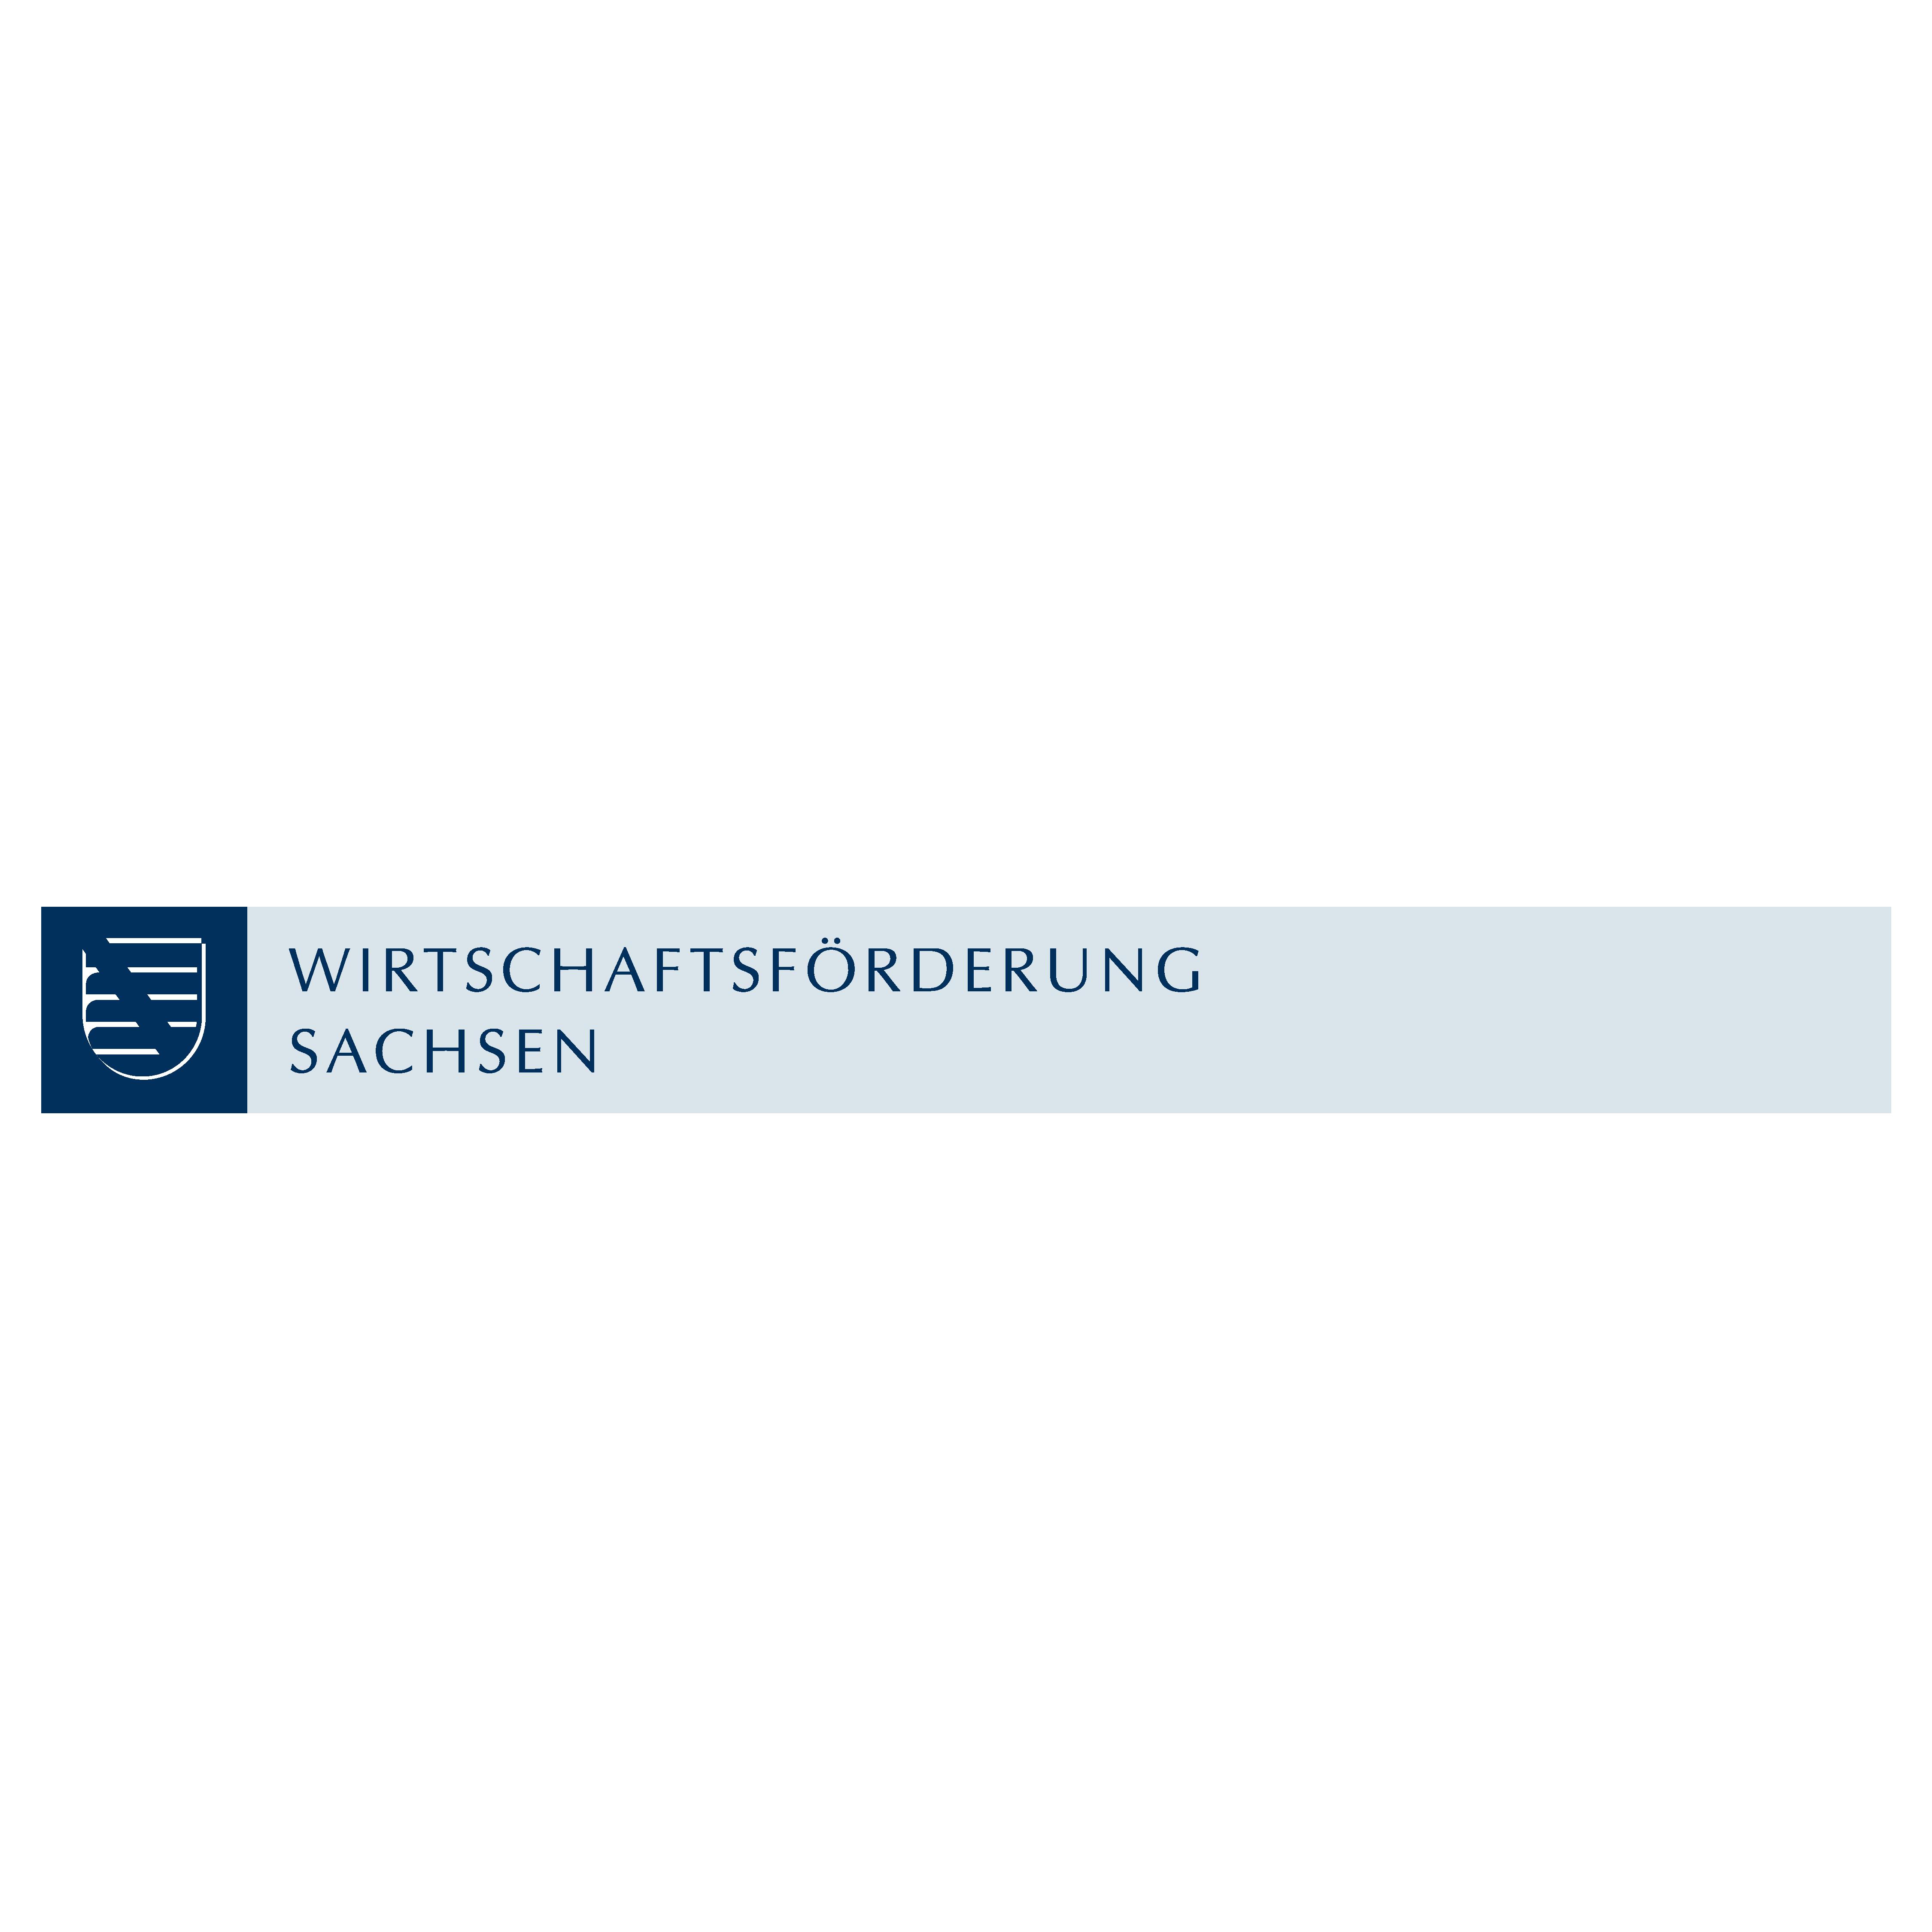 Wirtschaftsförderung Sachsen